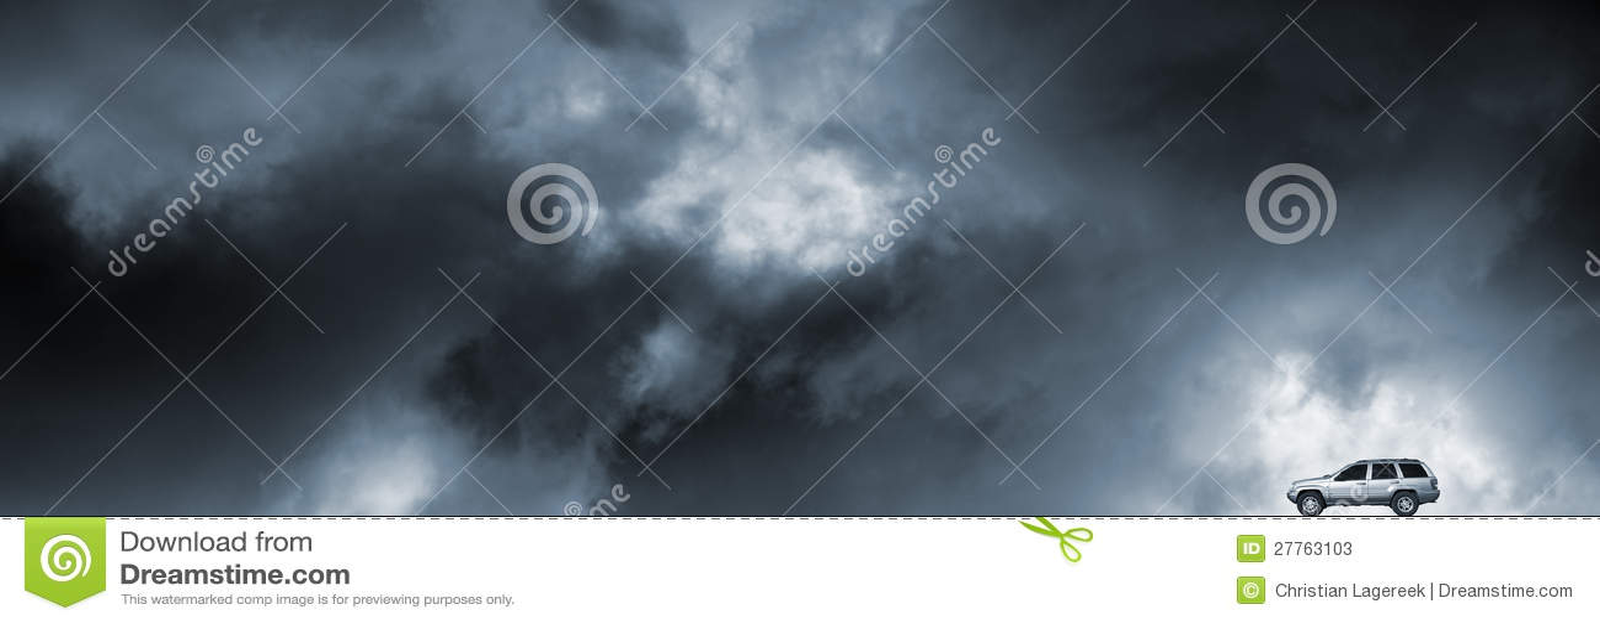 Suv pilotant par le temps orageux